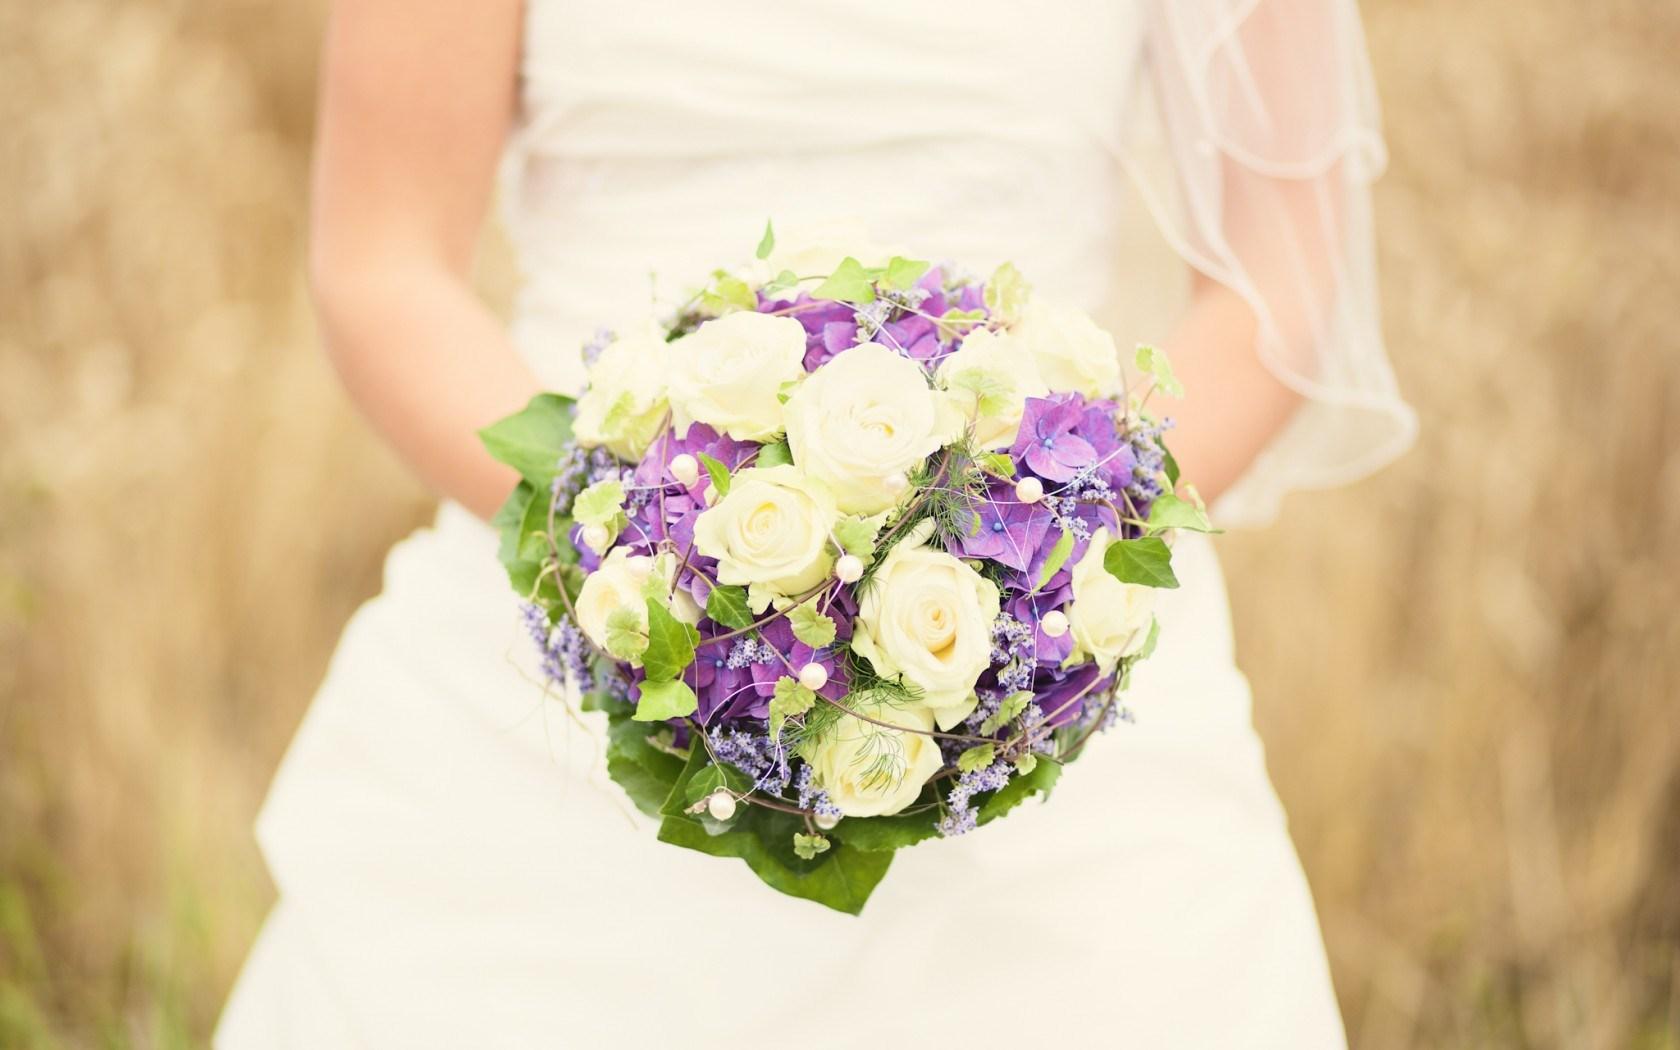 bouquet flowers images